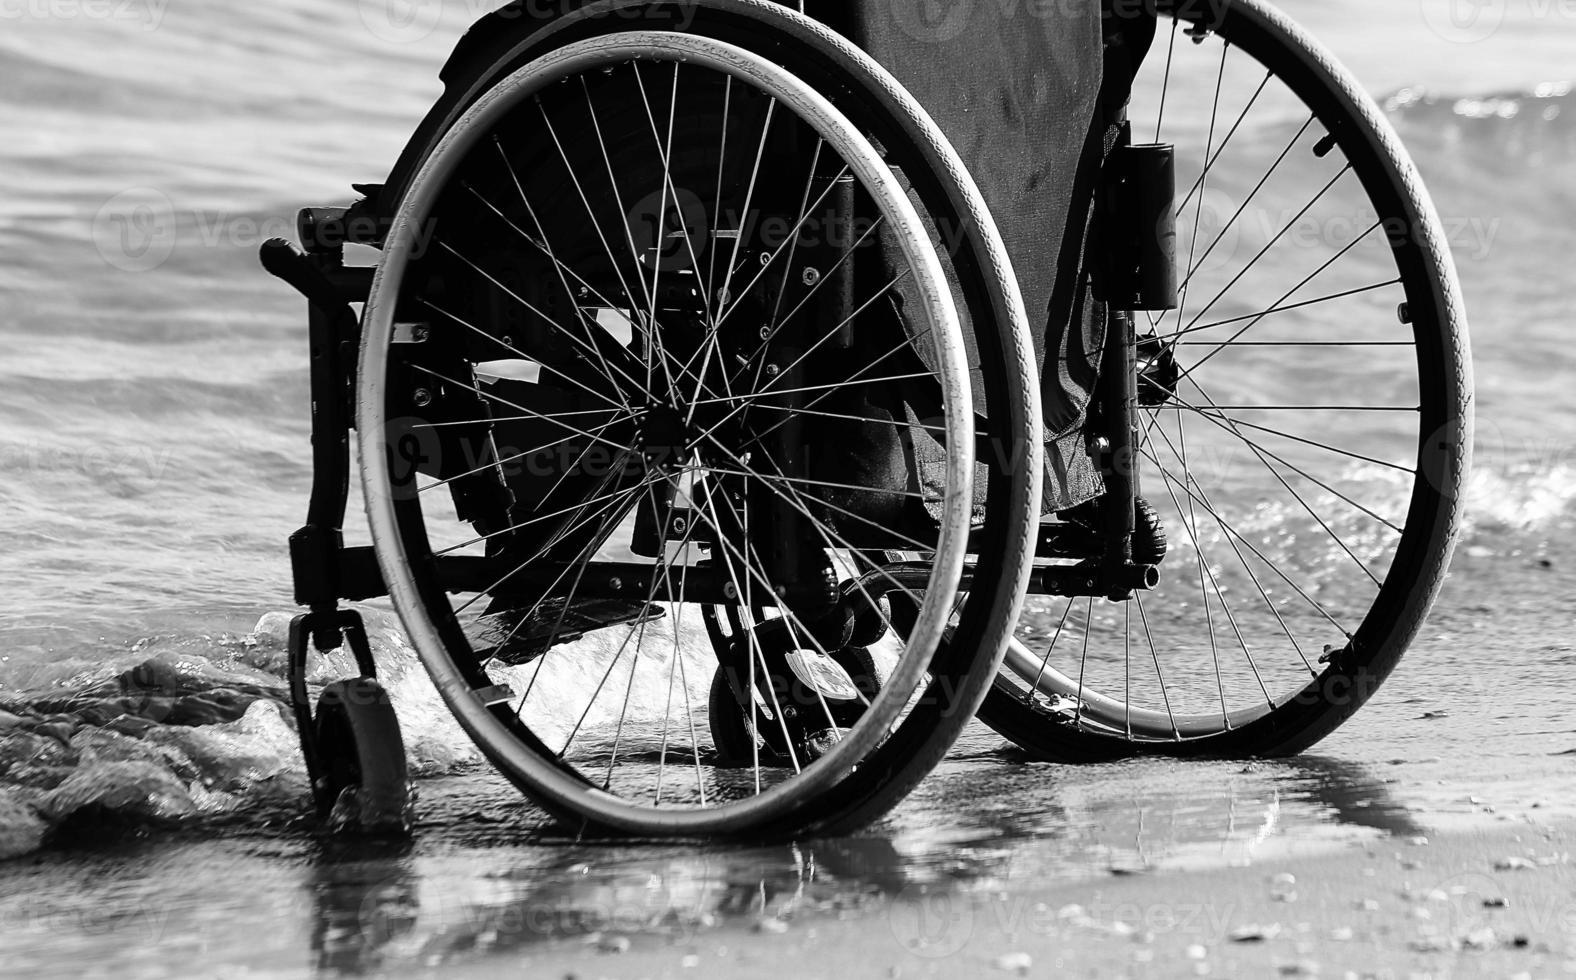 Rollstuhl am Meer am Sandstrand foto